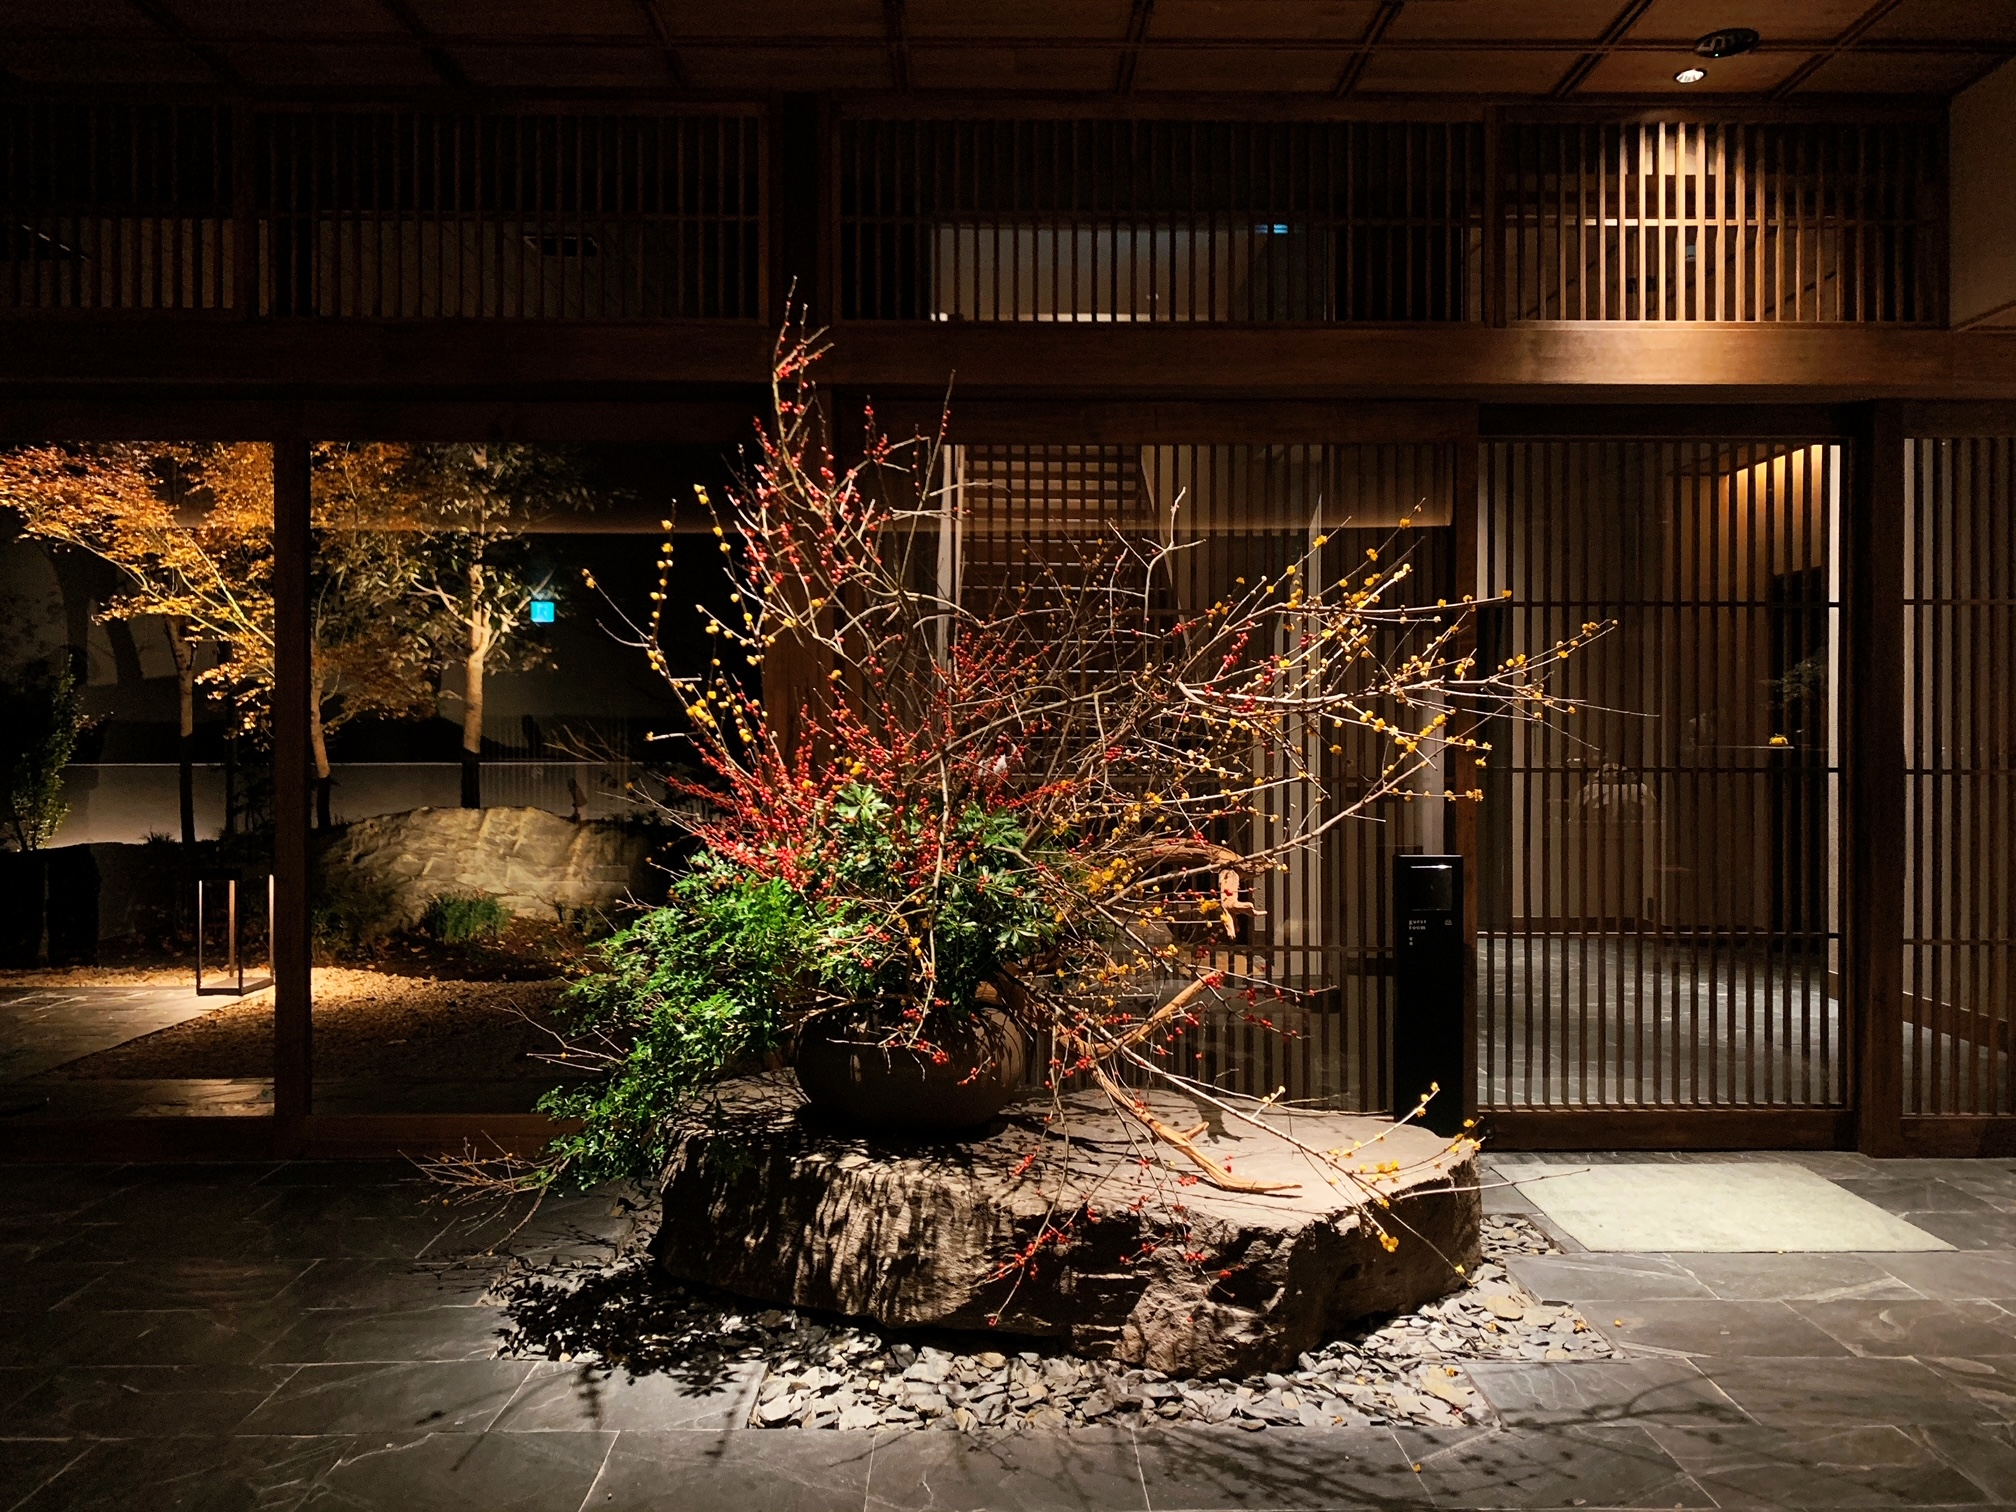 【なかなか予約が取れない!】東京に居ながらにして《箱根の温泉を楽しめる人気スポット》に行ってきた♡_7